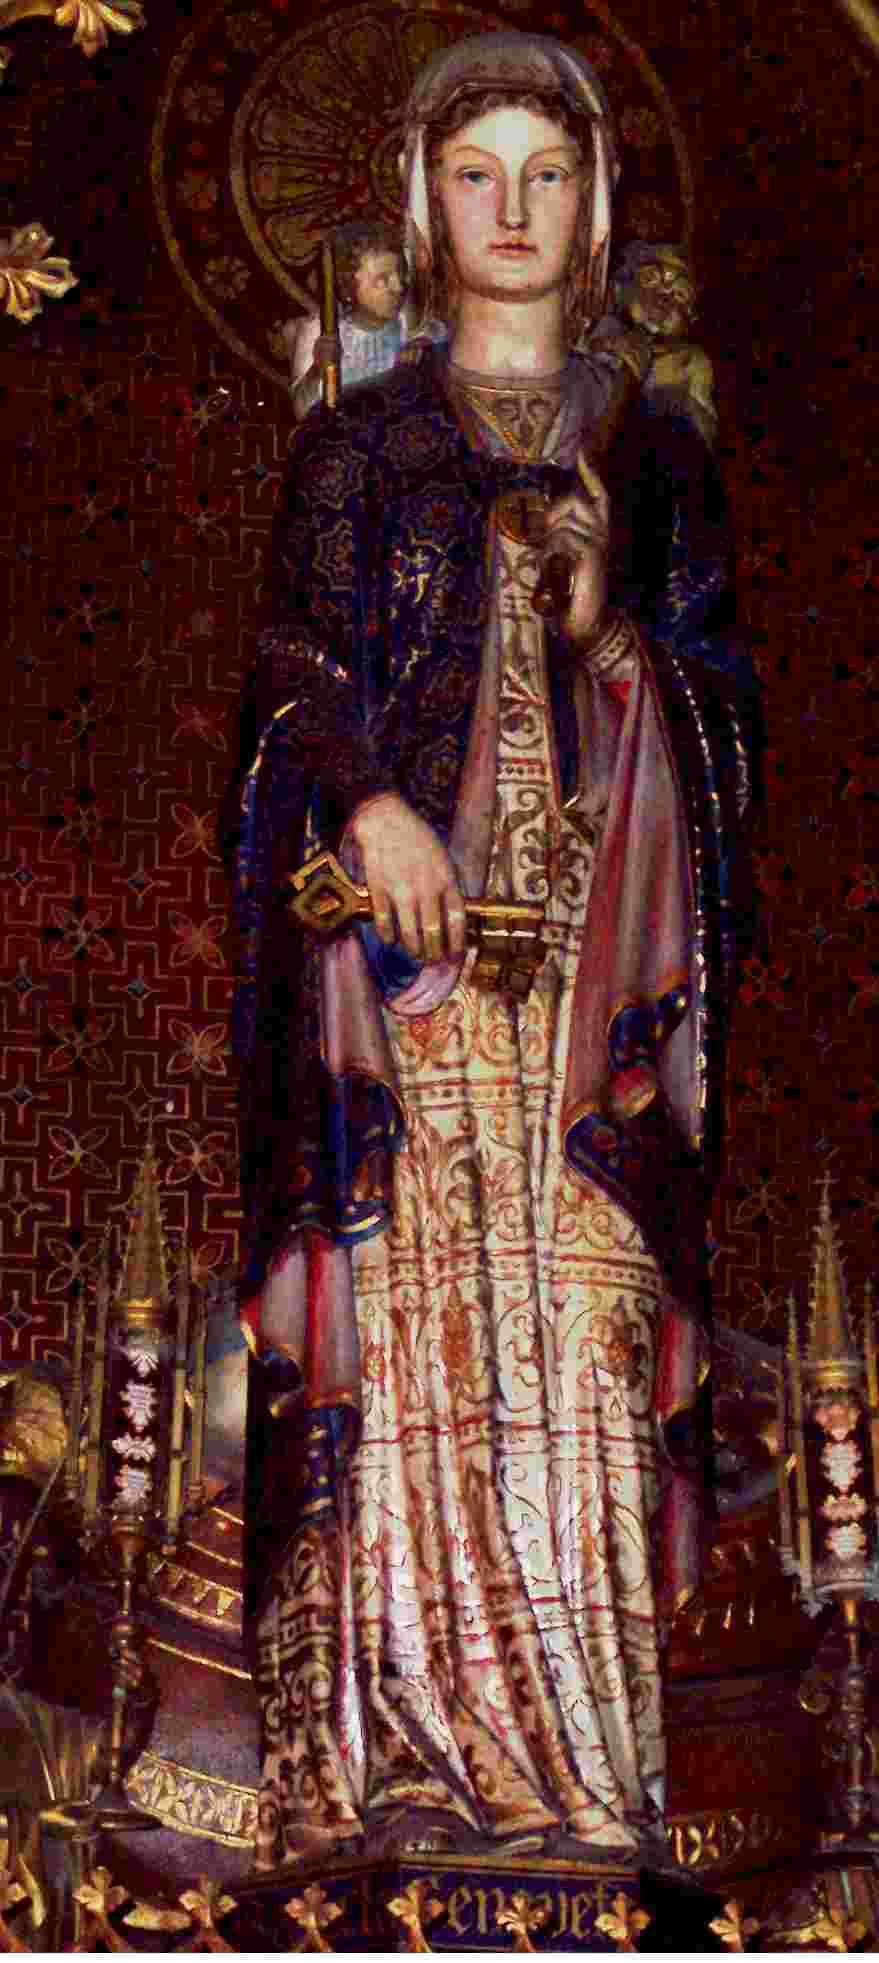 Sainte Geneviève, Vierge consacrée et femme politique